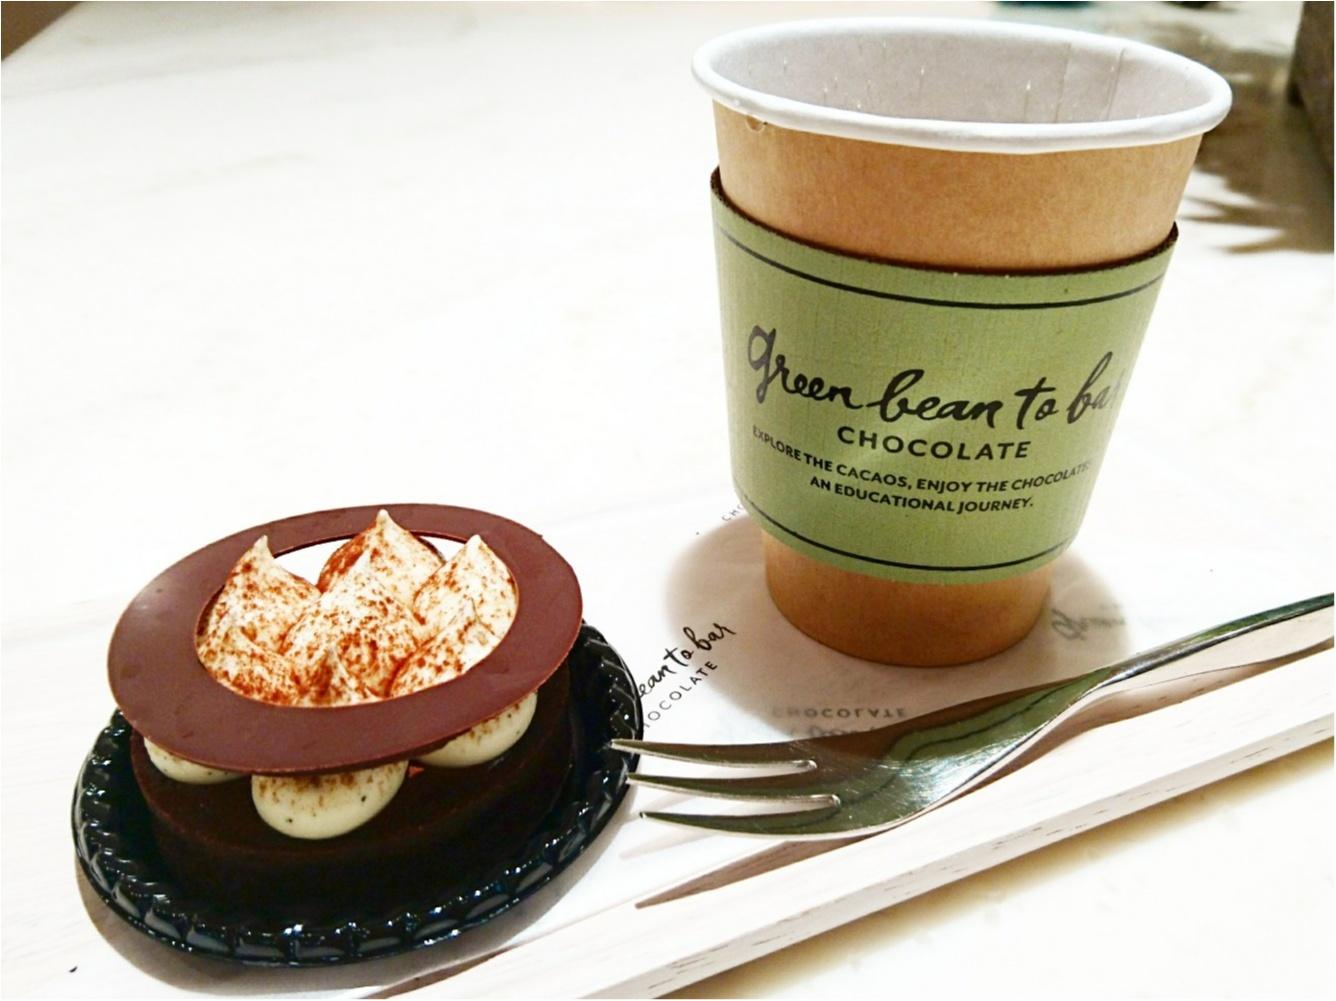 【しの散歩】バレンタイン目前!本格的なカカオ豆を楽しむなら ♪《 bean to bar チョコレート専門店 》プレゼントはもちろん、カフェの利用もおすすめ◎_6